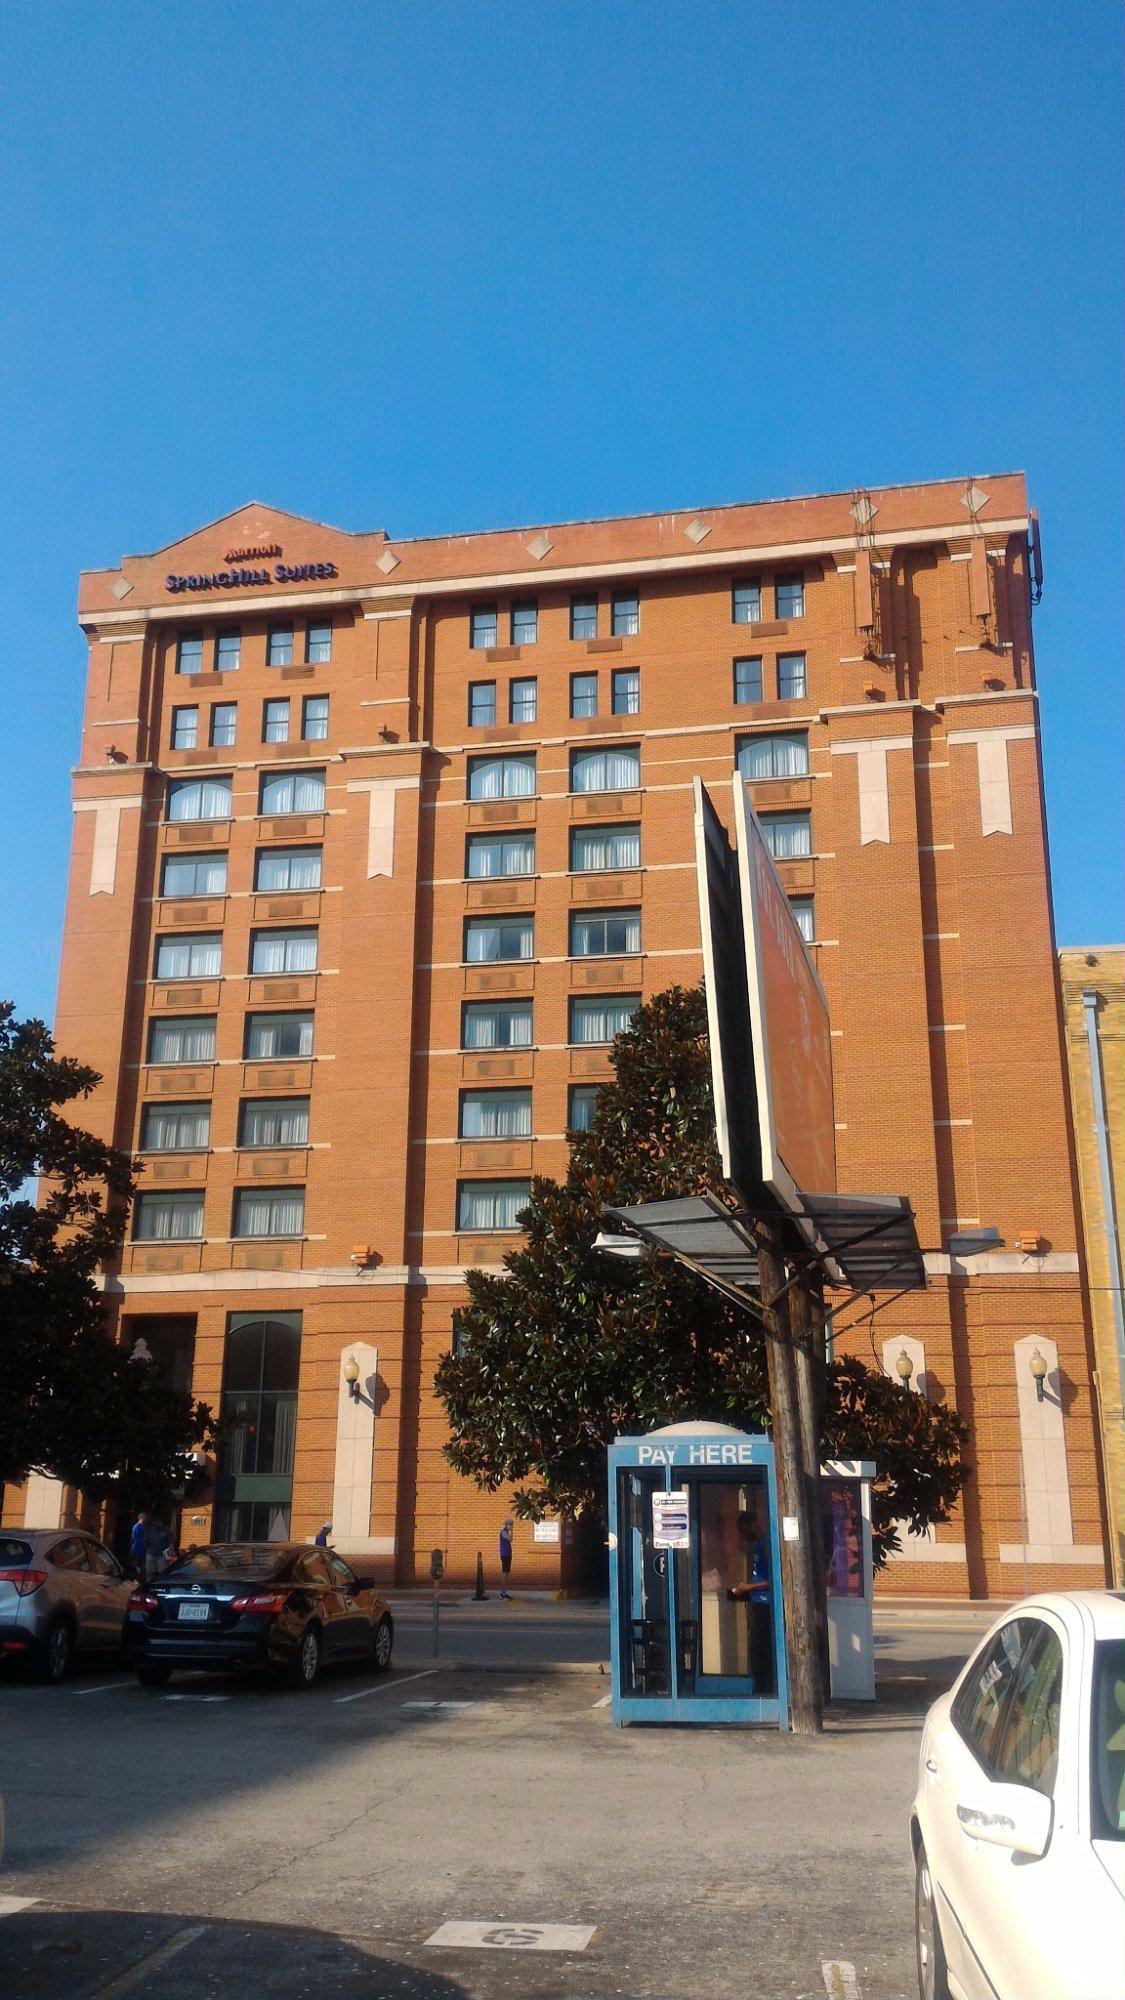 springhill suites dallas downtown west end $̶1̶6̶7̶ $139